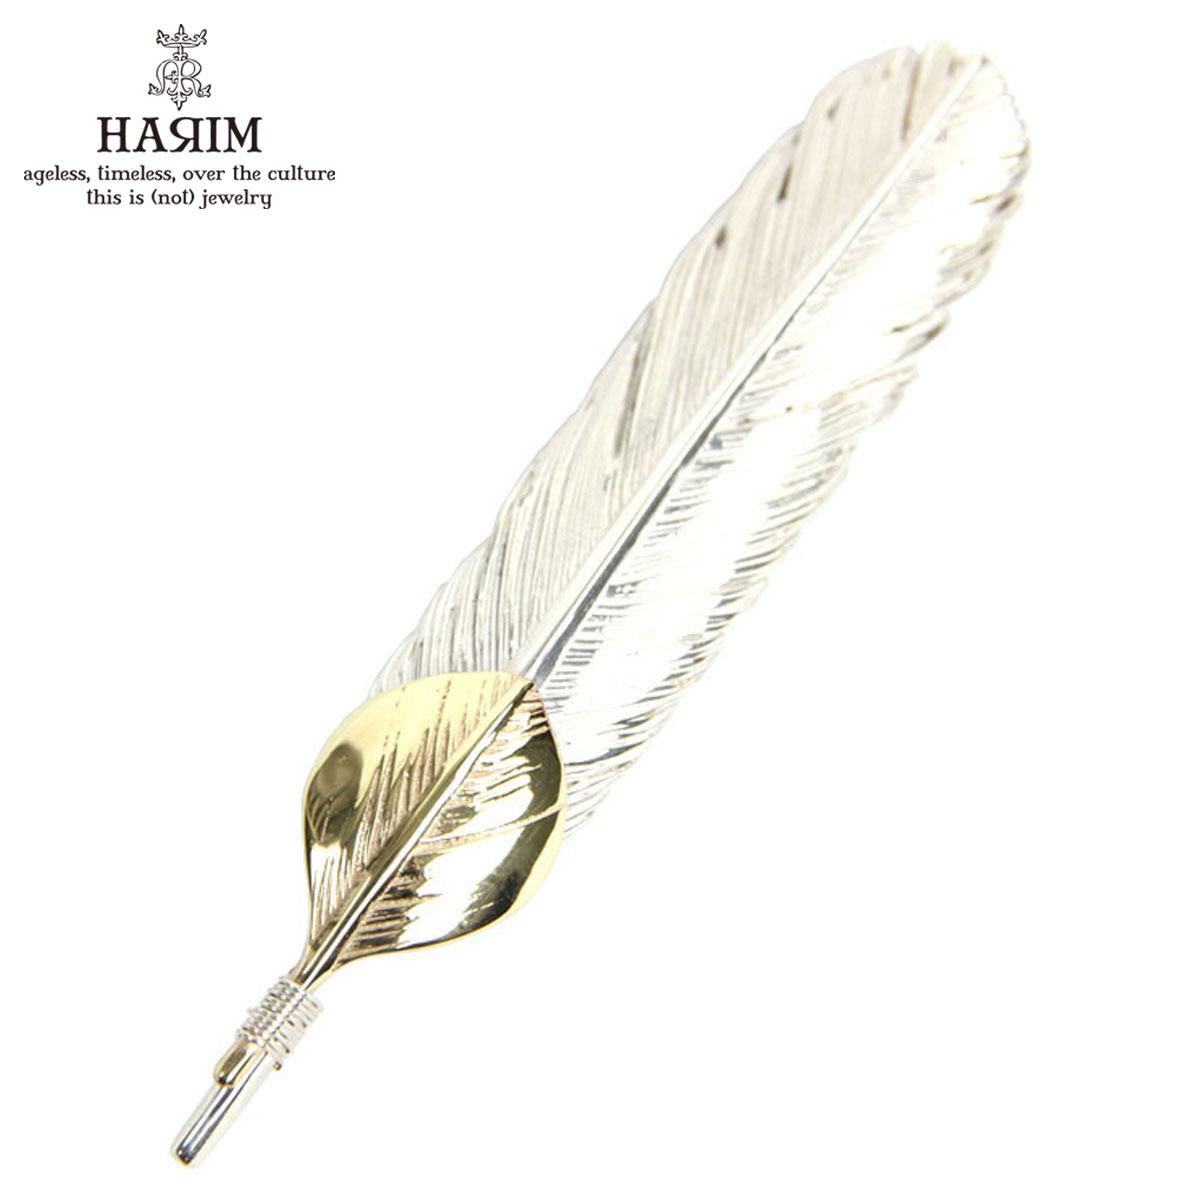 ハリム HARIM ペンダントトップ(チェーン別売り) HARIM FEATHER CENTER M HRT004 WH/OX SILVER 925 with 18K GOLD HEART FEATHER